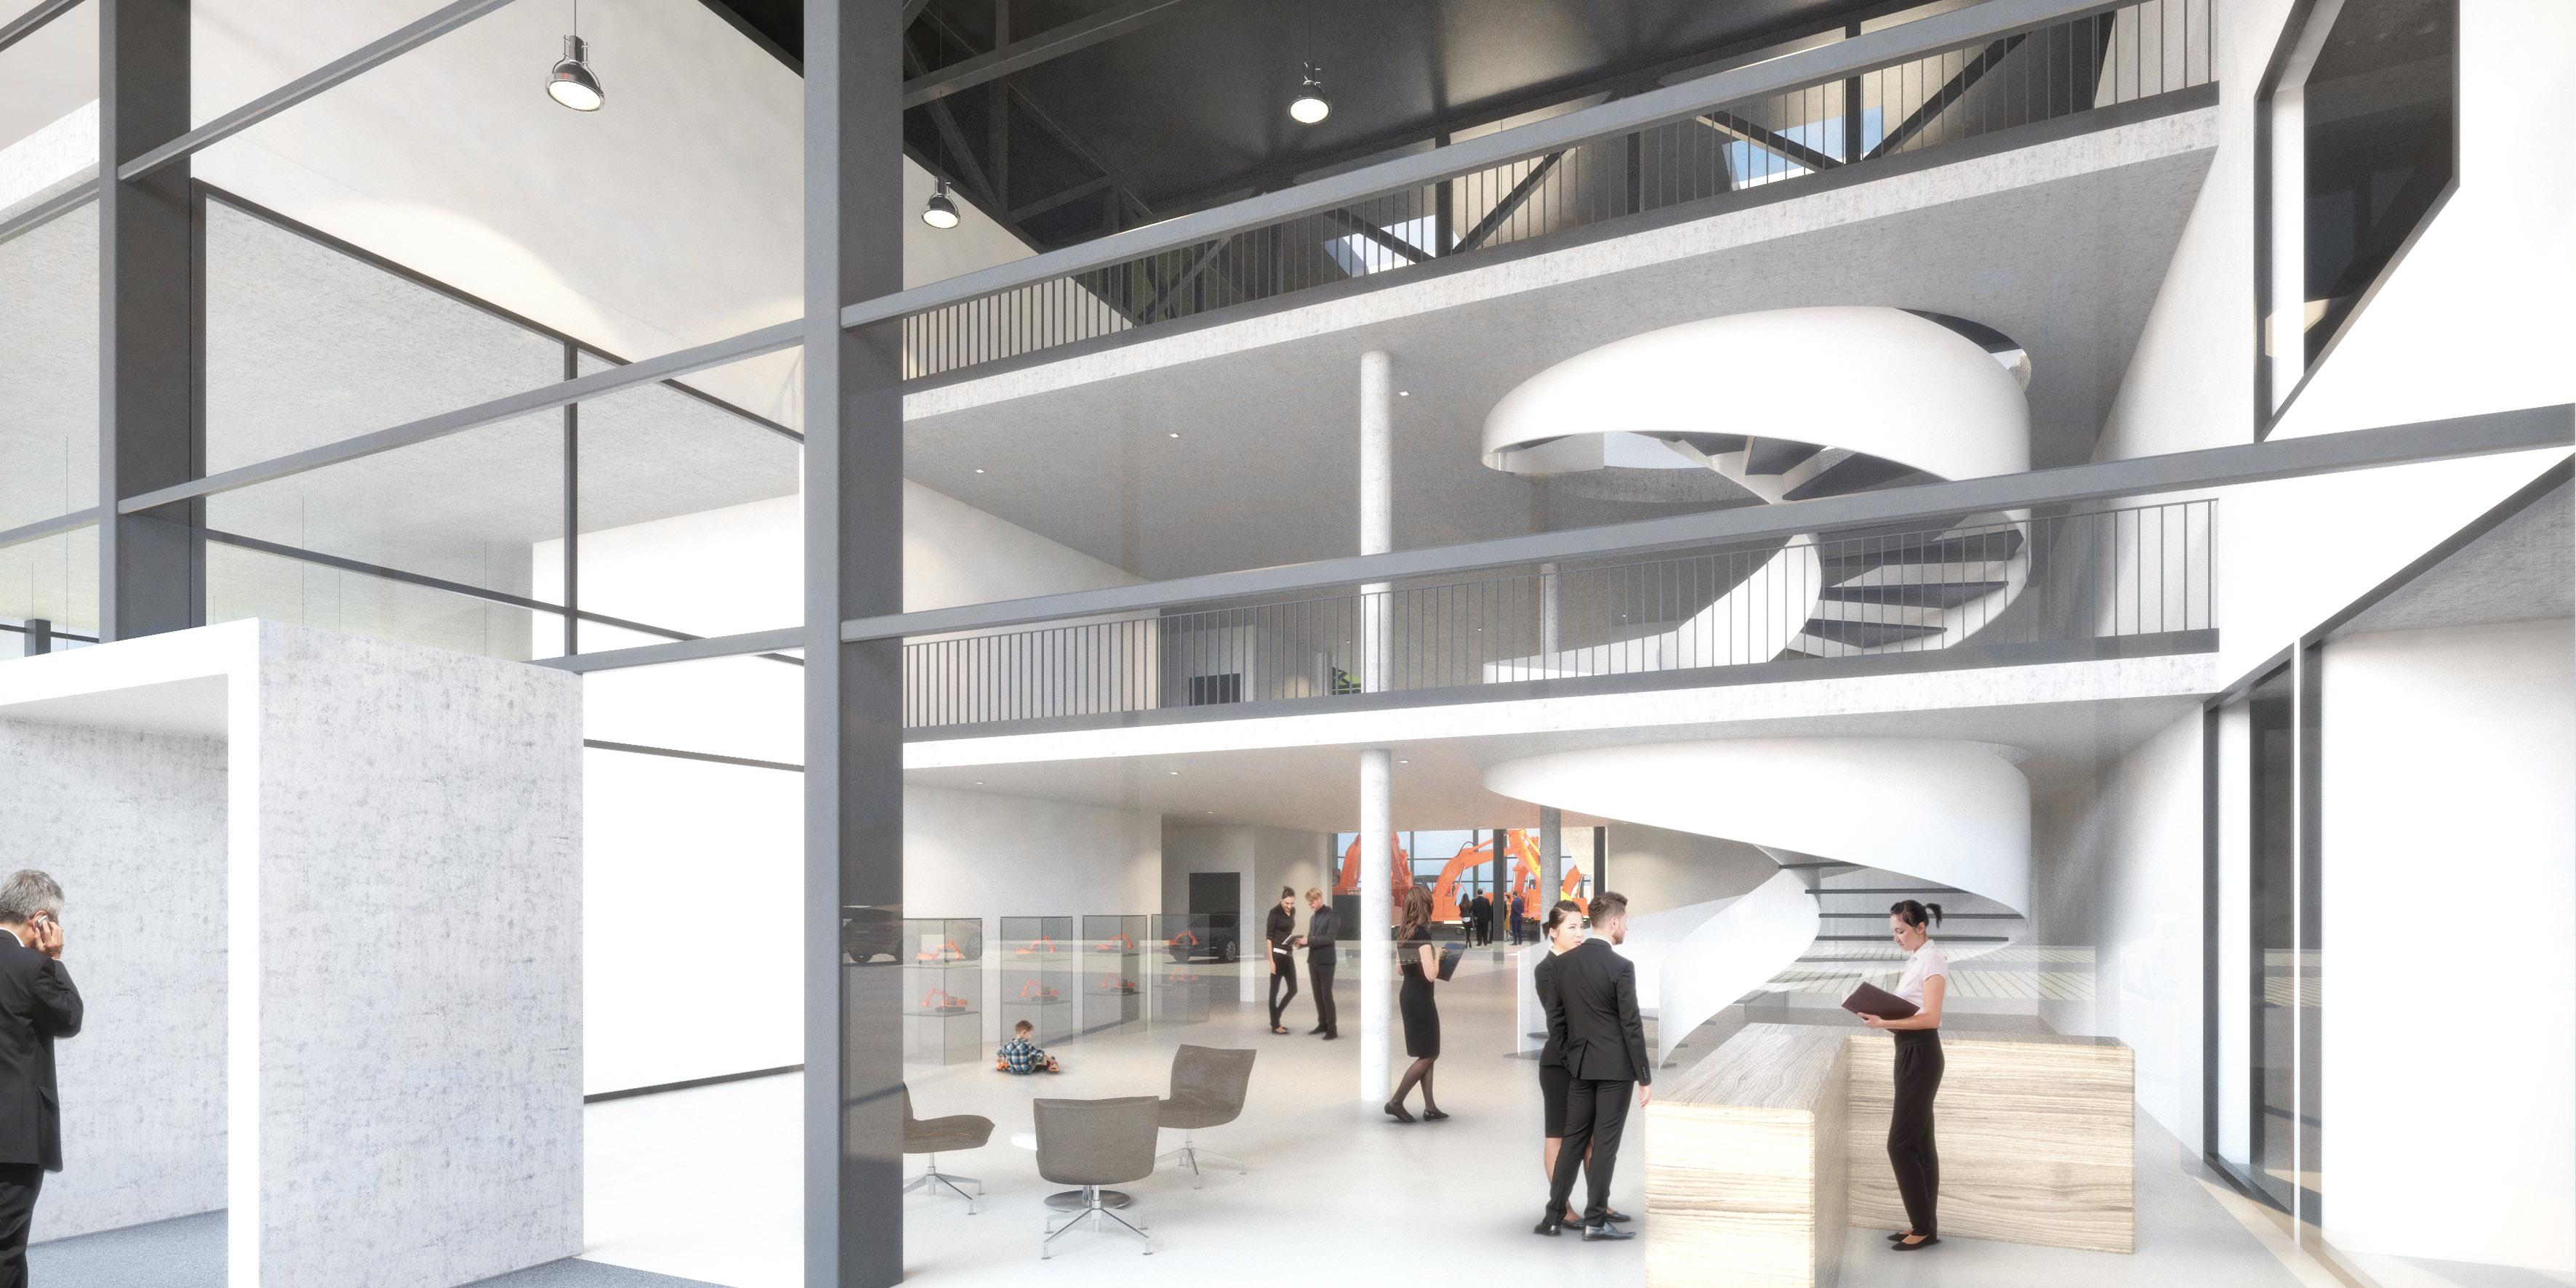 Moderne, aber zweckmäßige Architektur wird das Gebäude prägen.